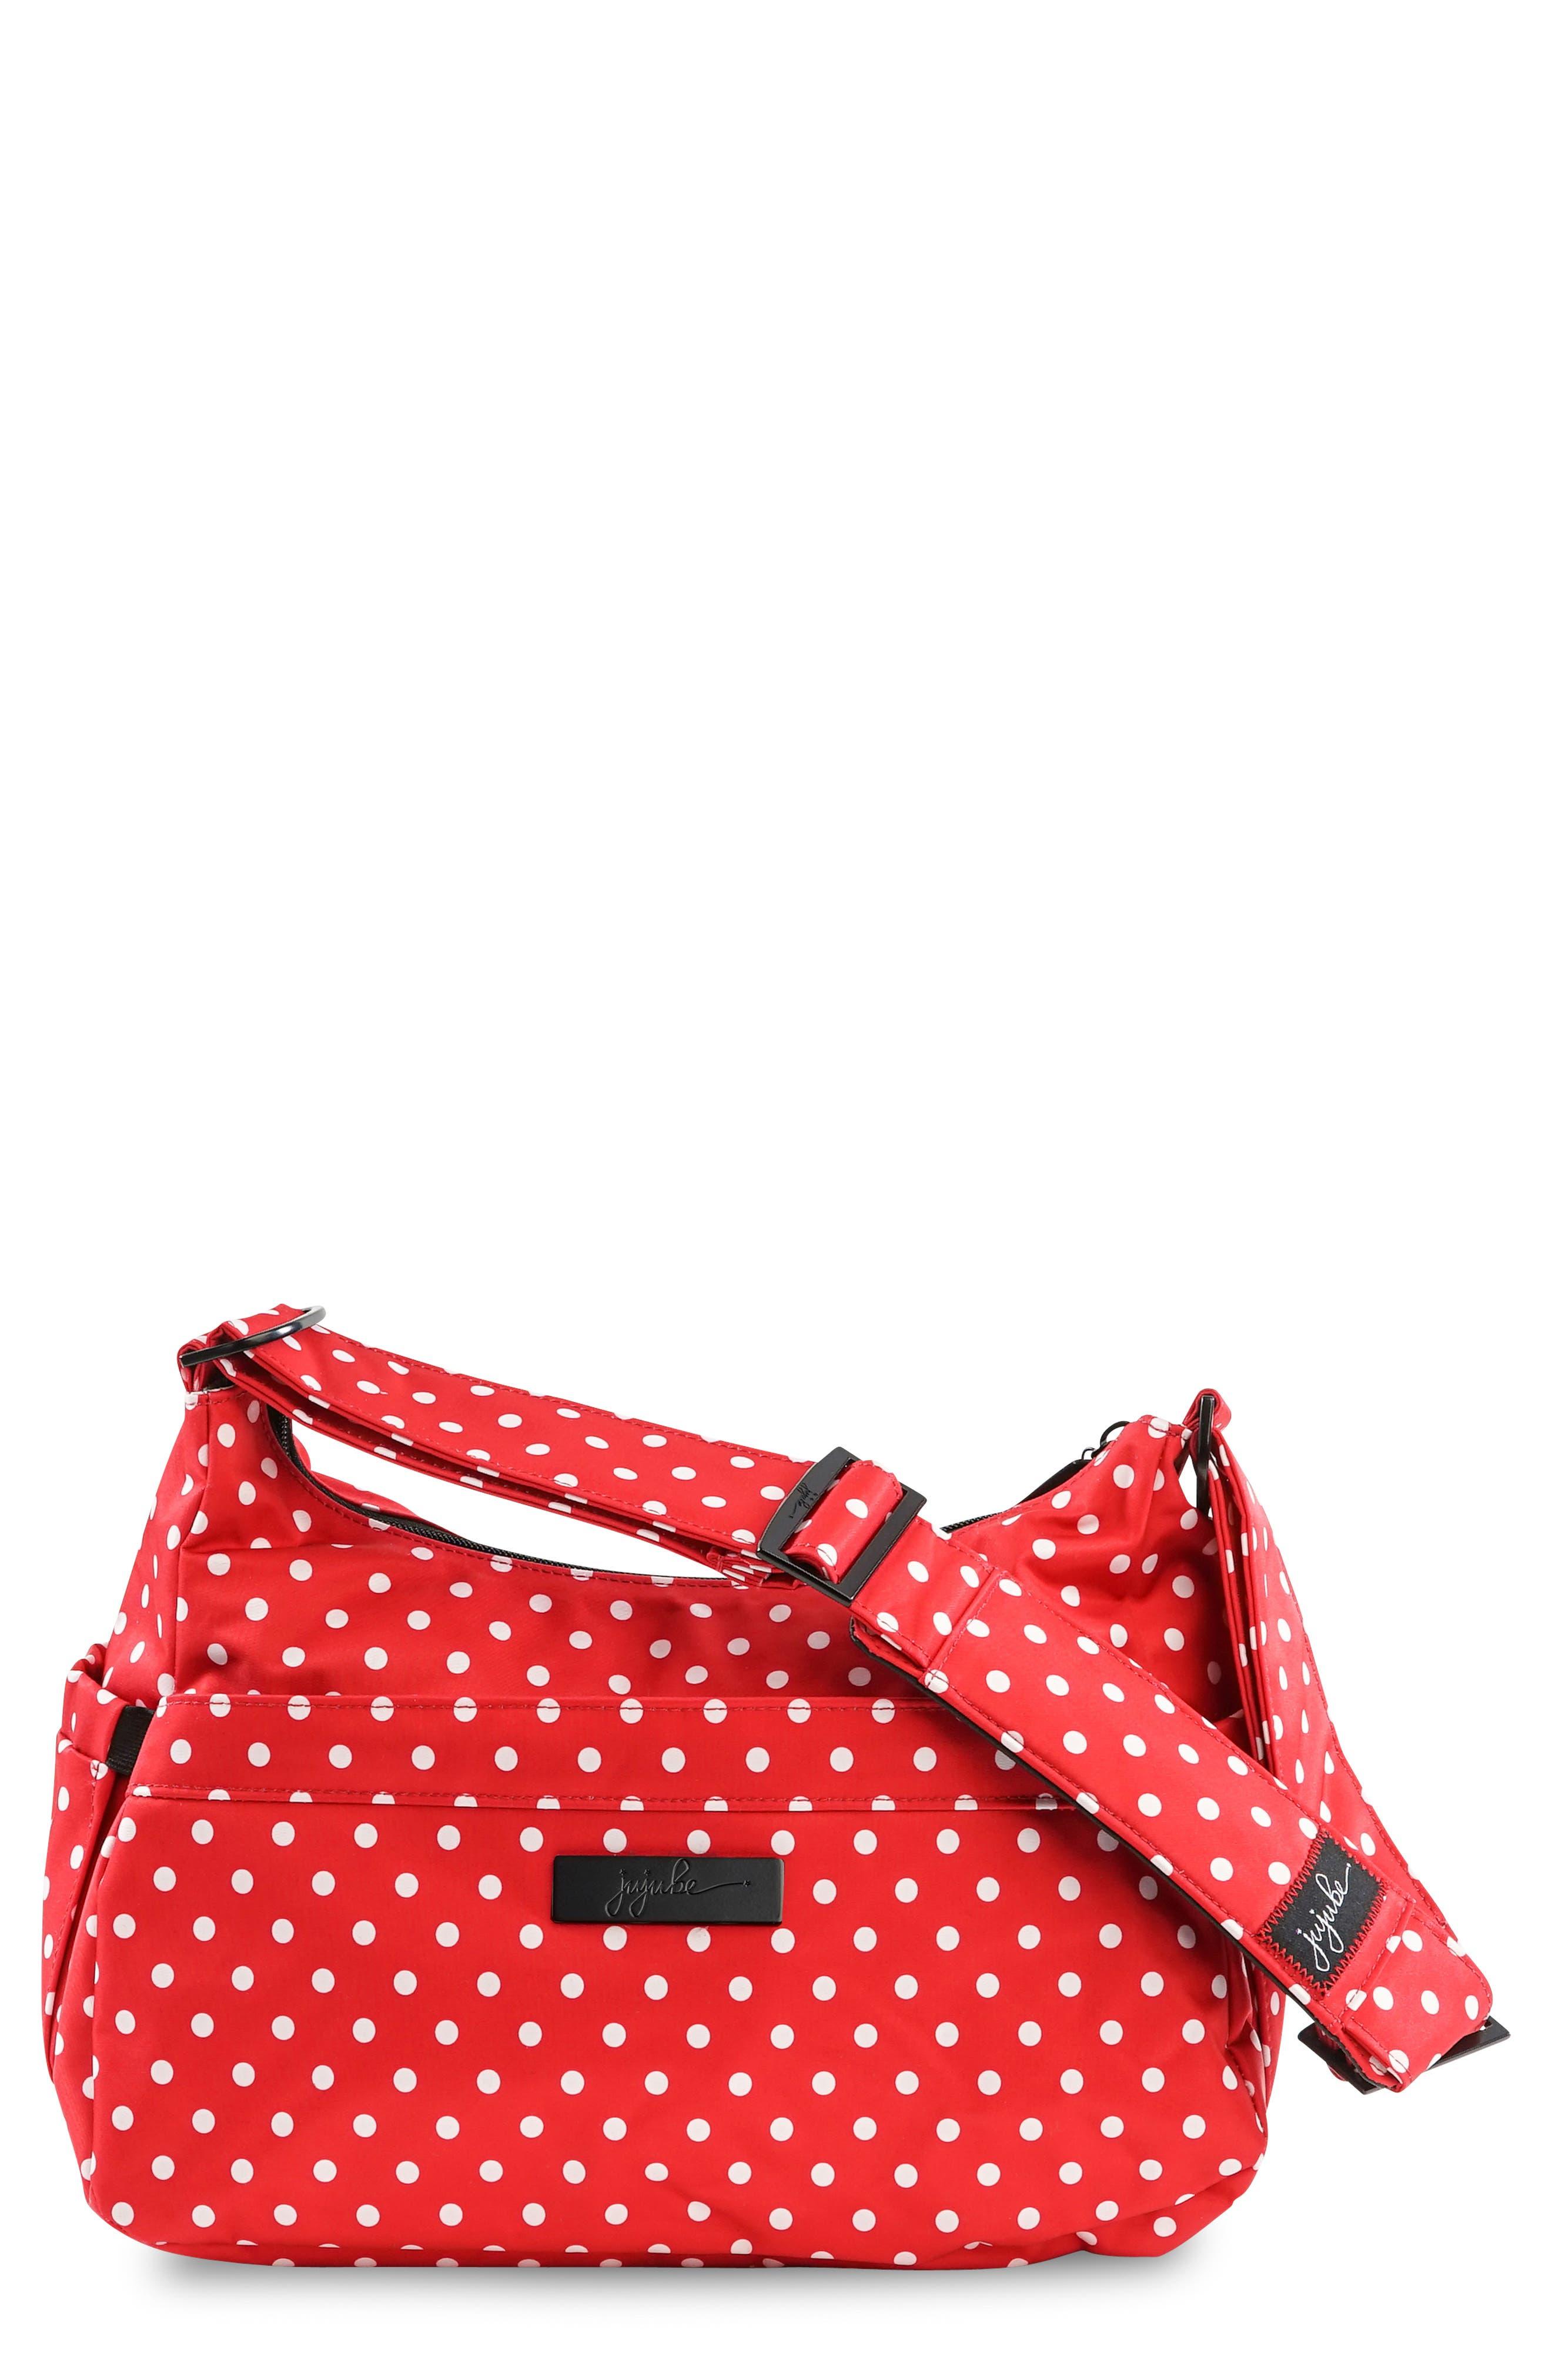 JU-JU-BE 'HoboBe' Diaper Bag, Main, color, 620